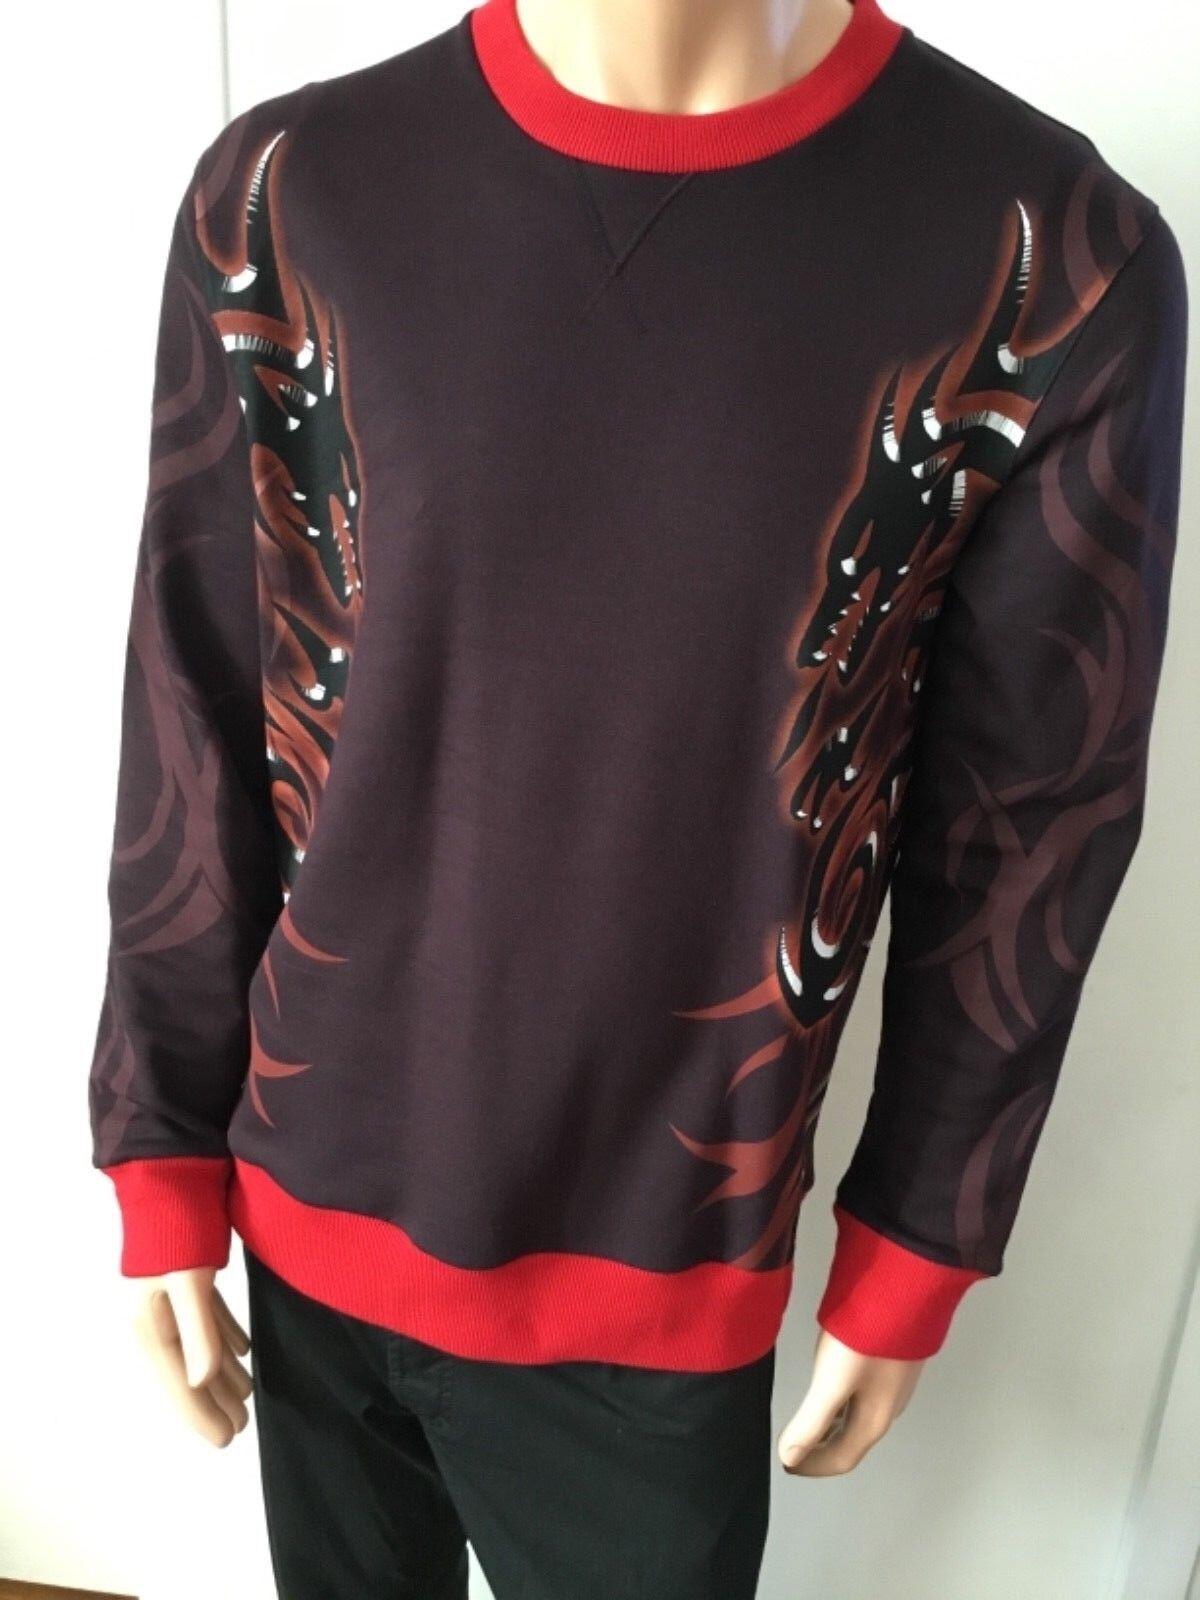 New Lanvin männer's schweißhemd Burgundy with Dragon Print, klein Fits like groß